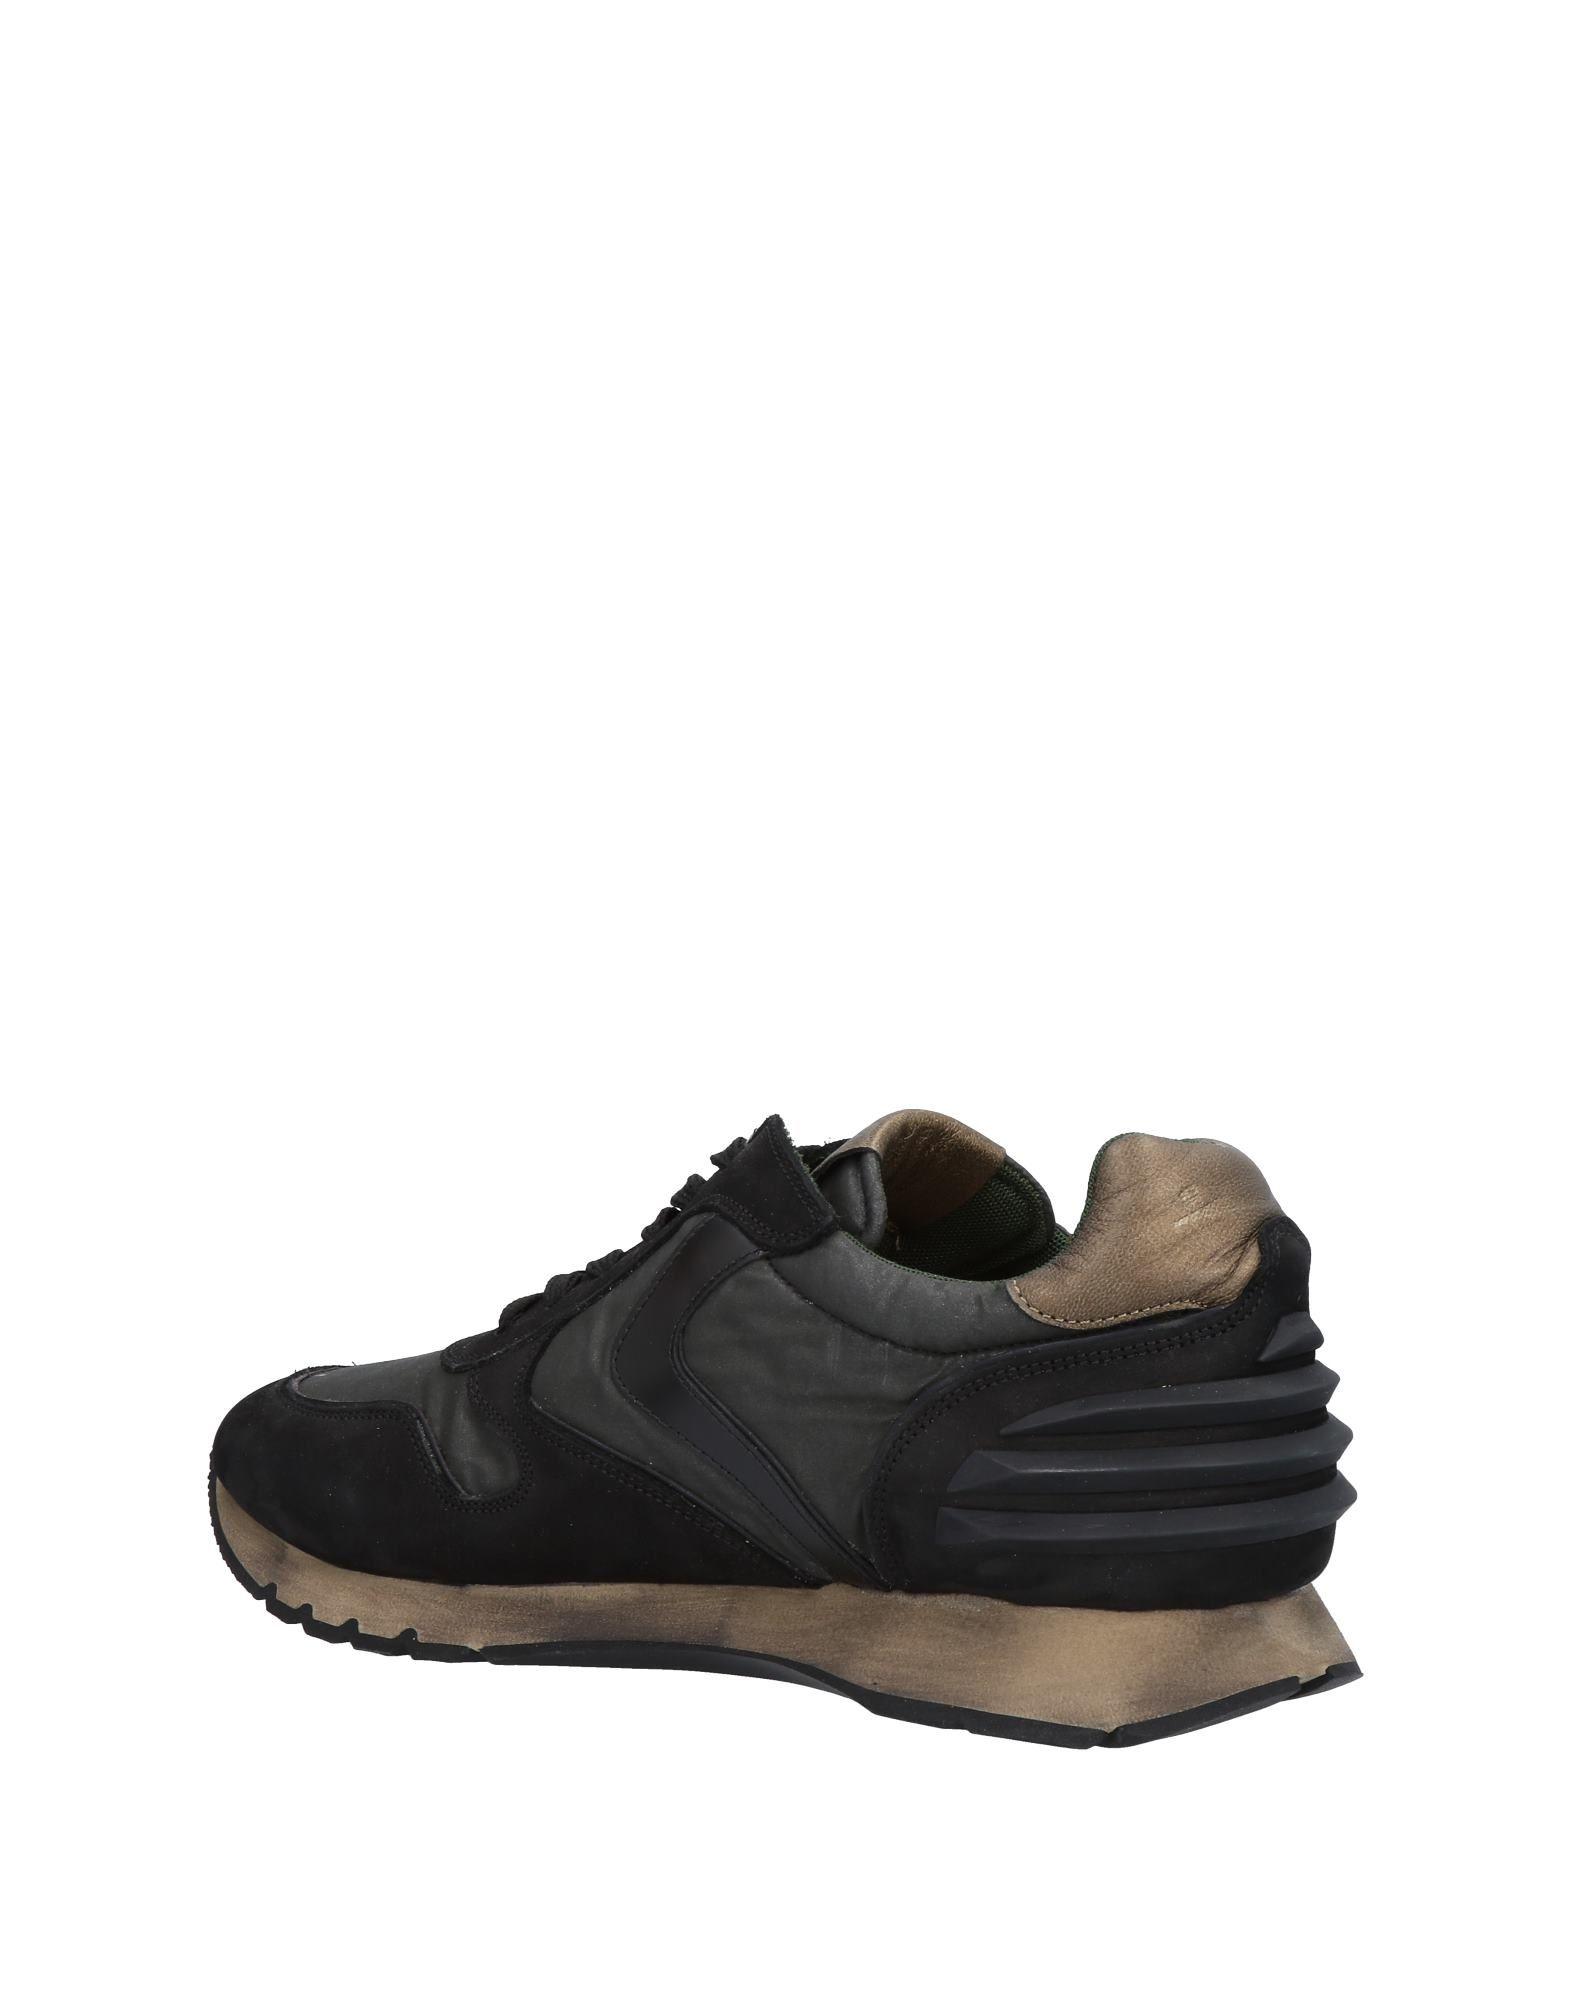 Voile  Blanche Sneakers Herren  Voile 11472791FM be90c7